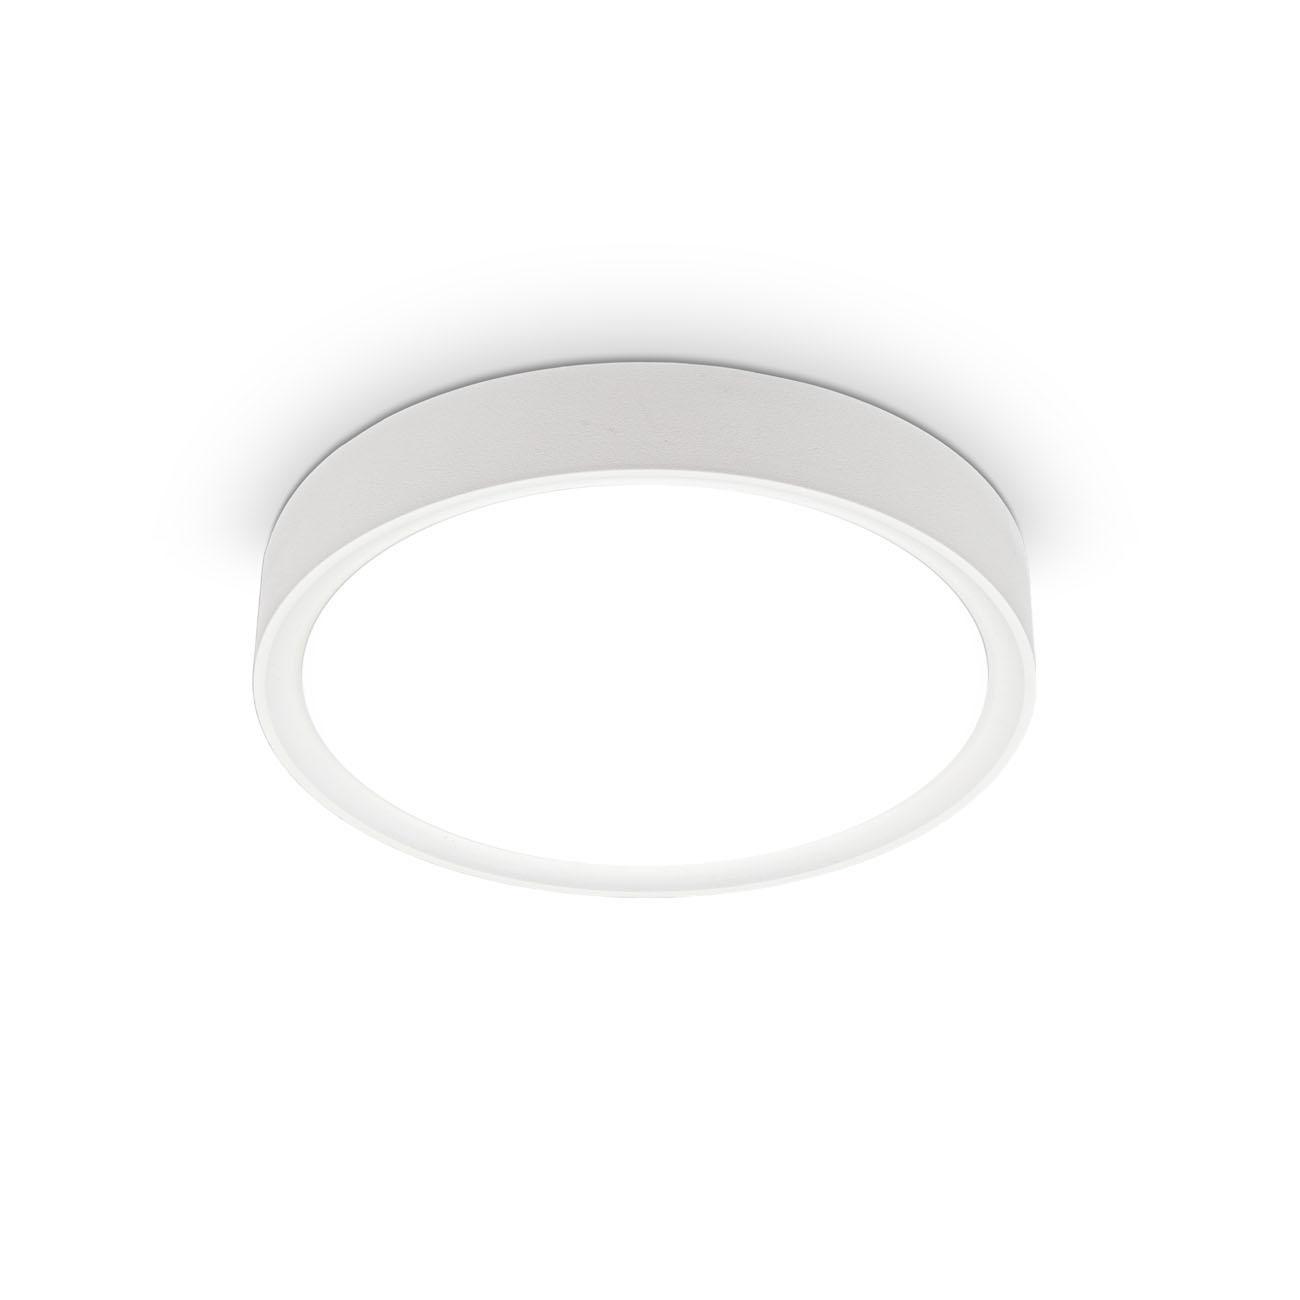 LED Deckenleuchte mit Sternendekor Ø 25 cm weiß-matt - 1